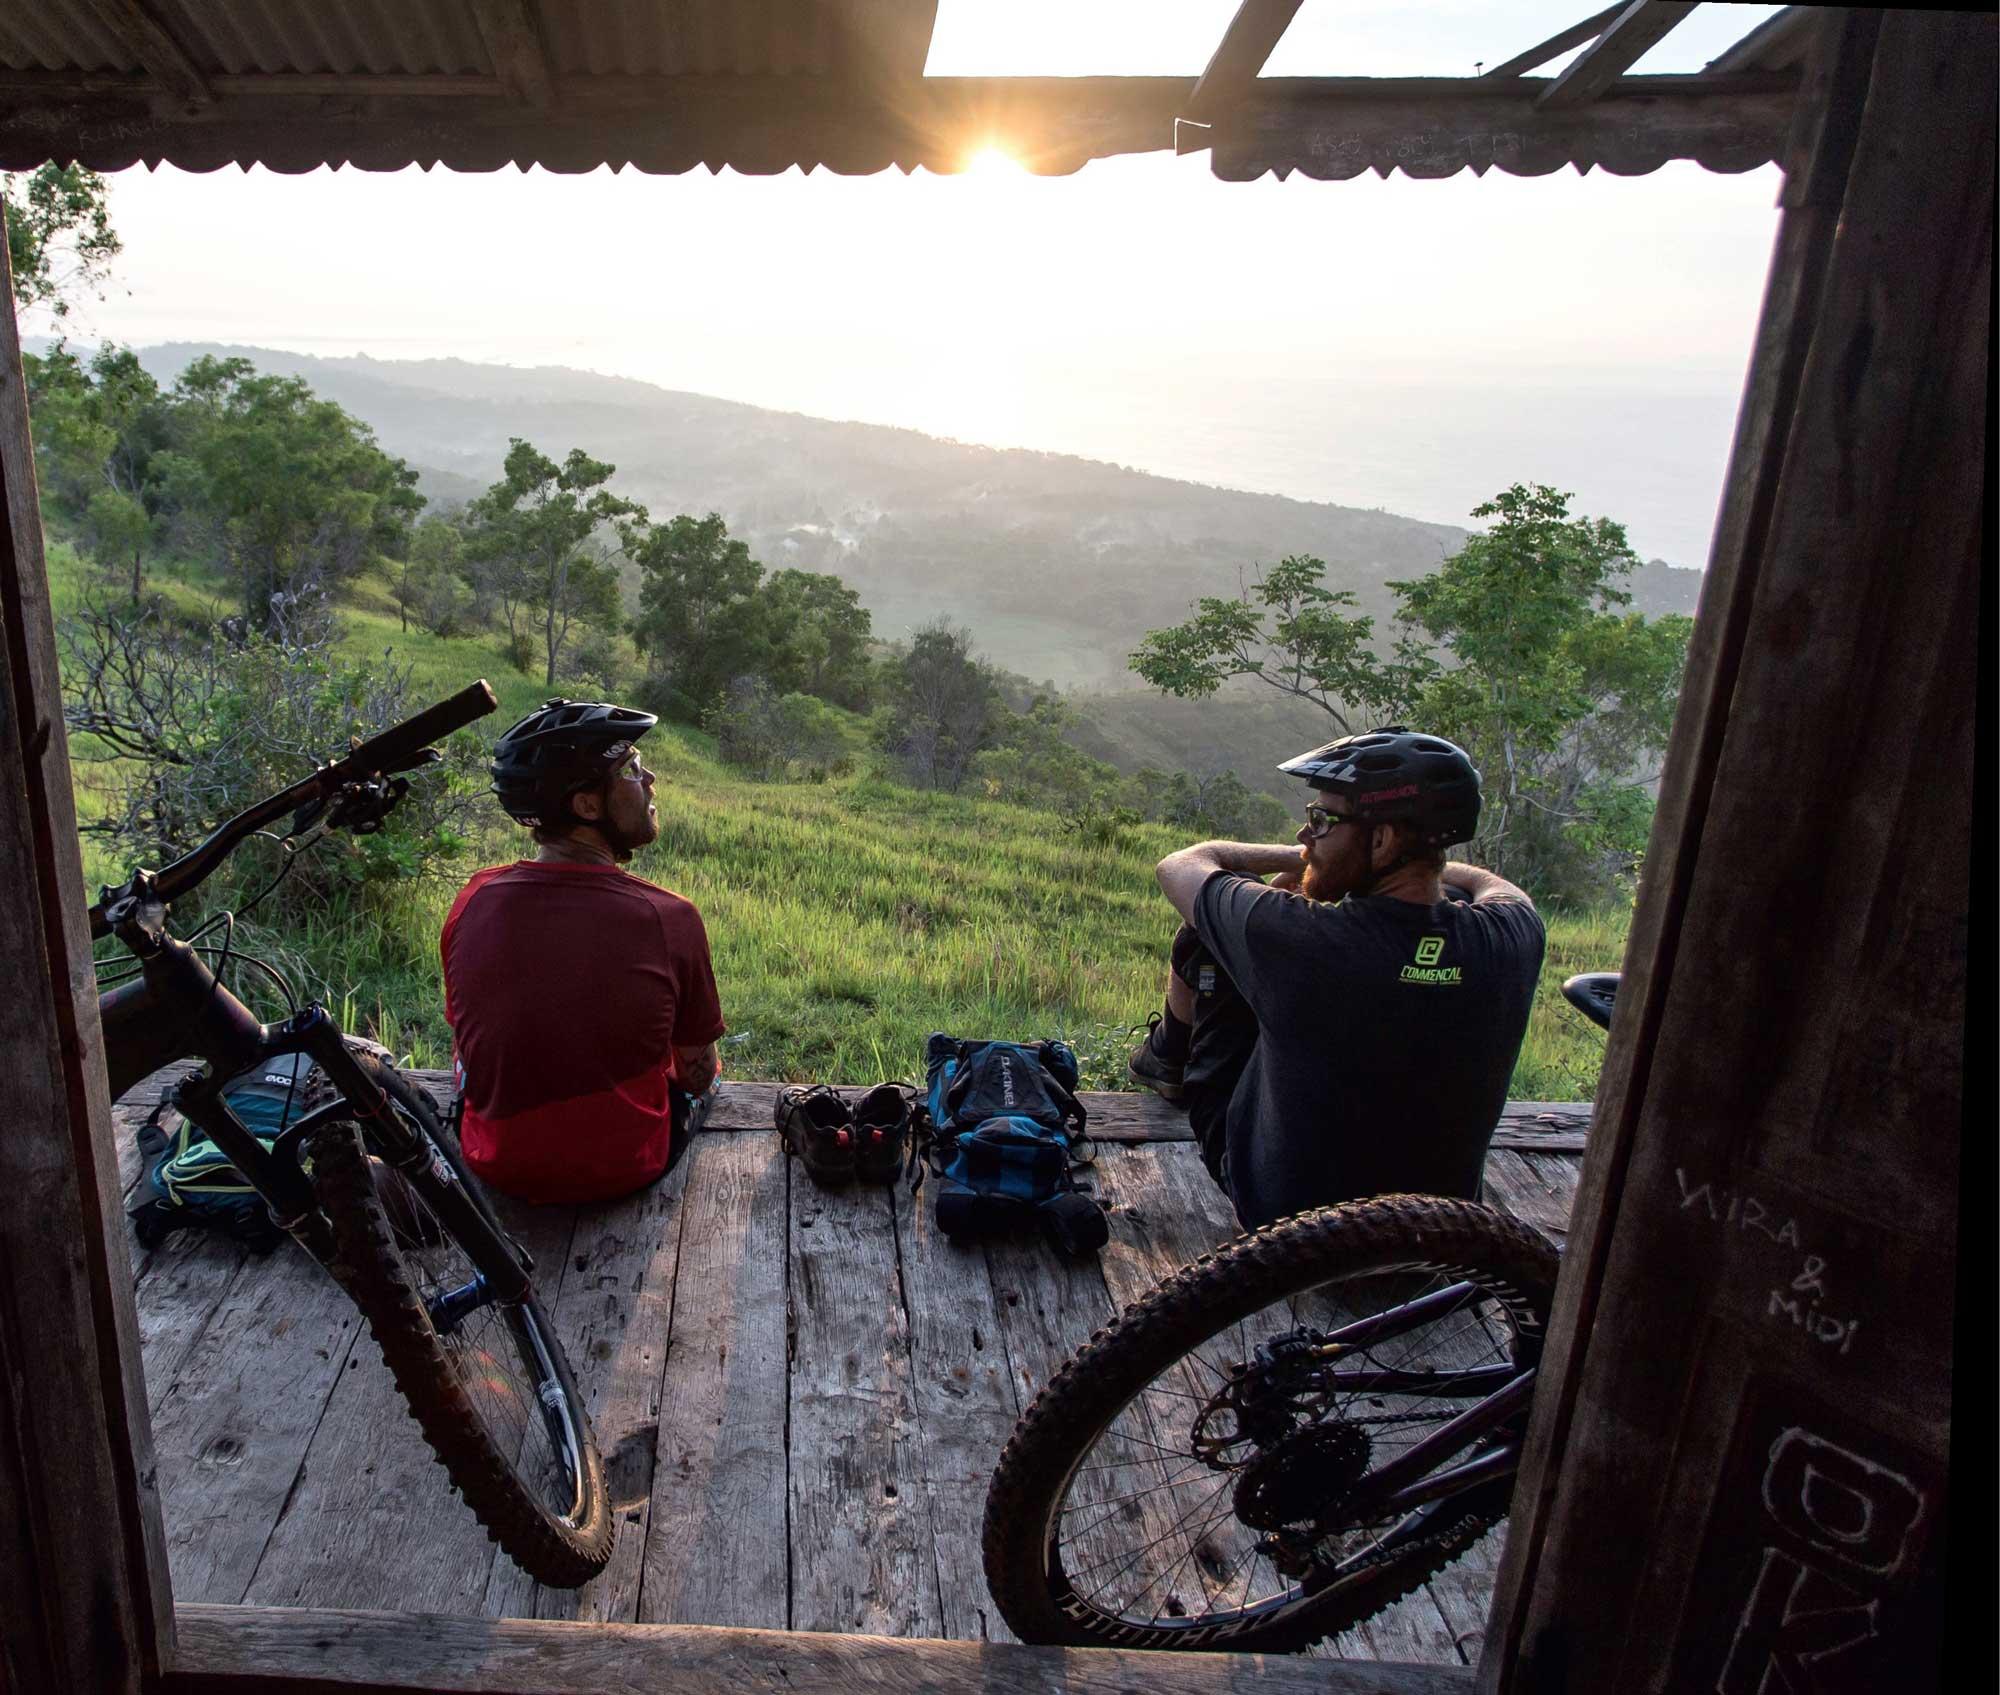 Biken im Dschungel bis zum Sonnenuntergang auf Bali